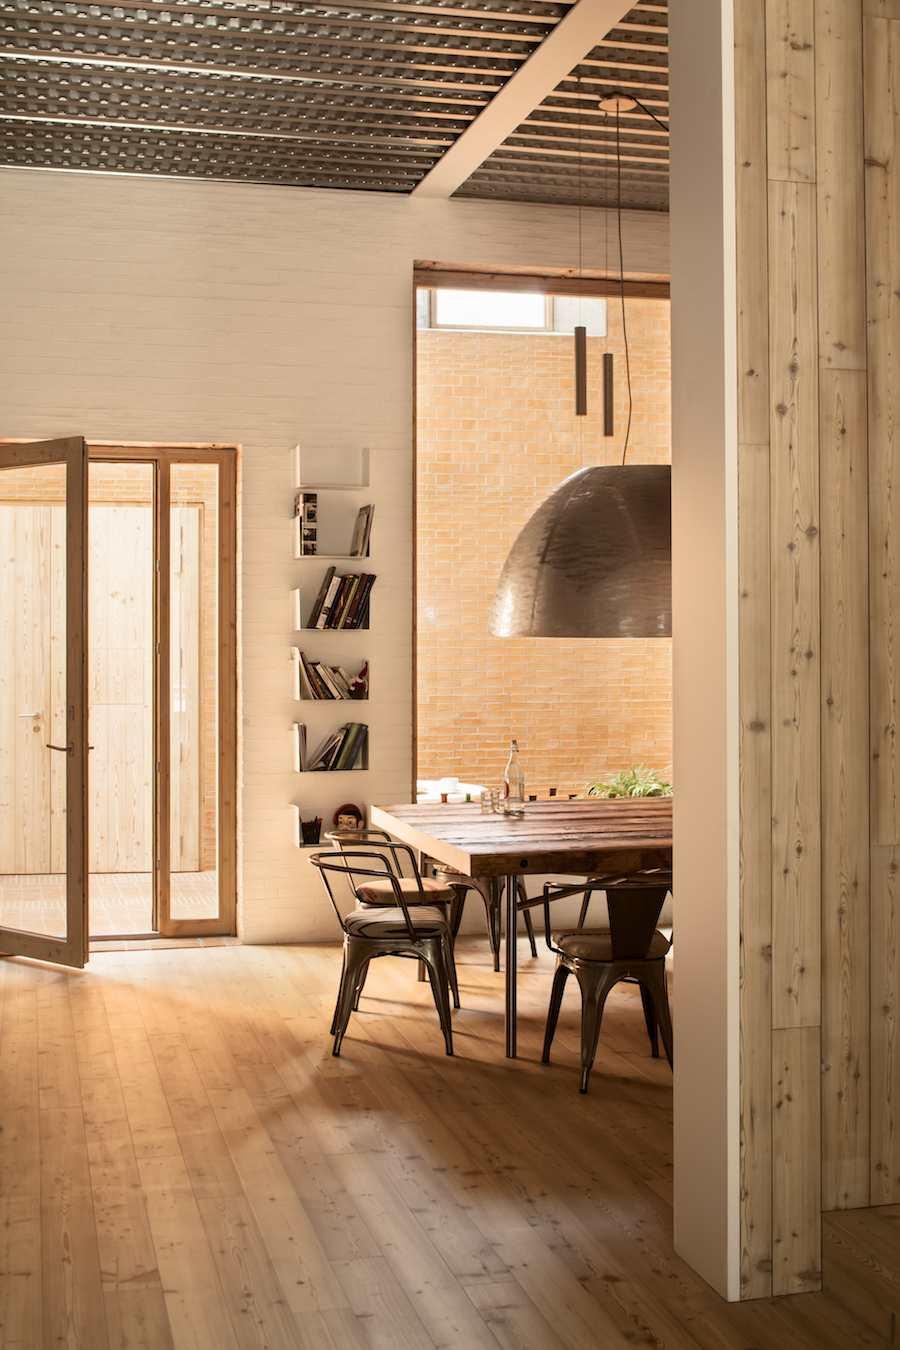 Casa 1014 by H Arquitectes - ©Adrià Goula.